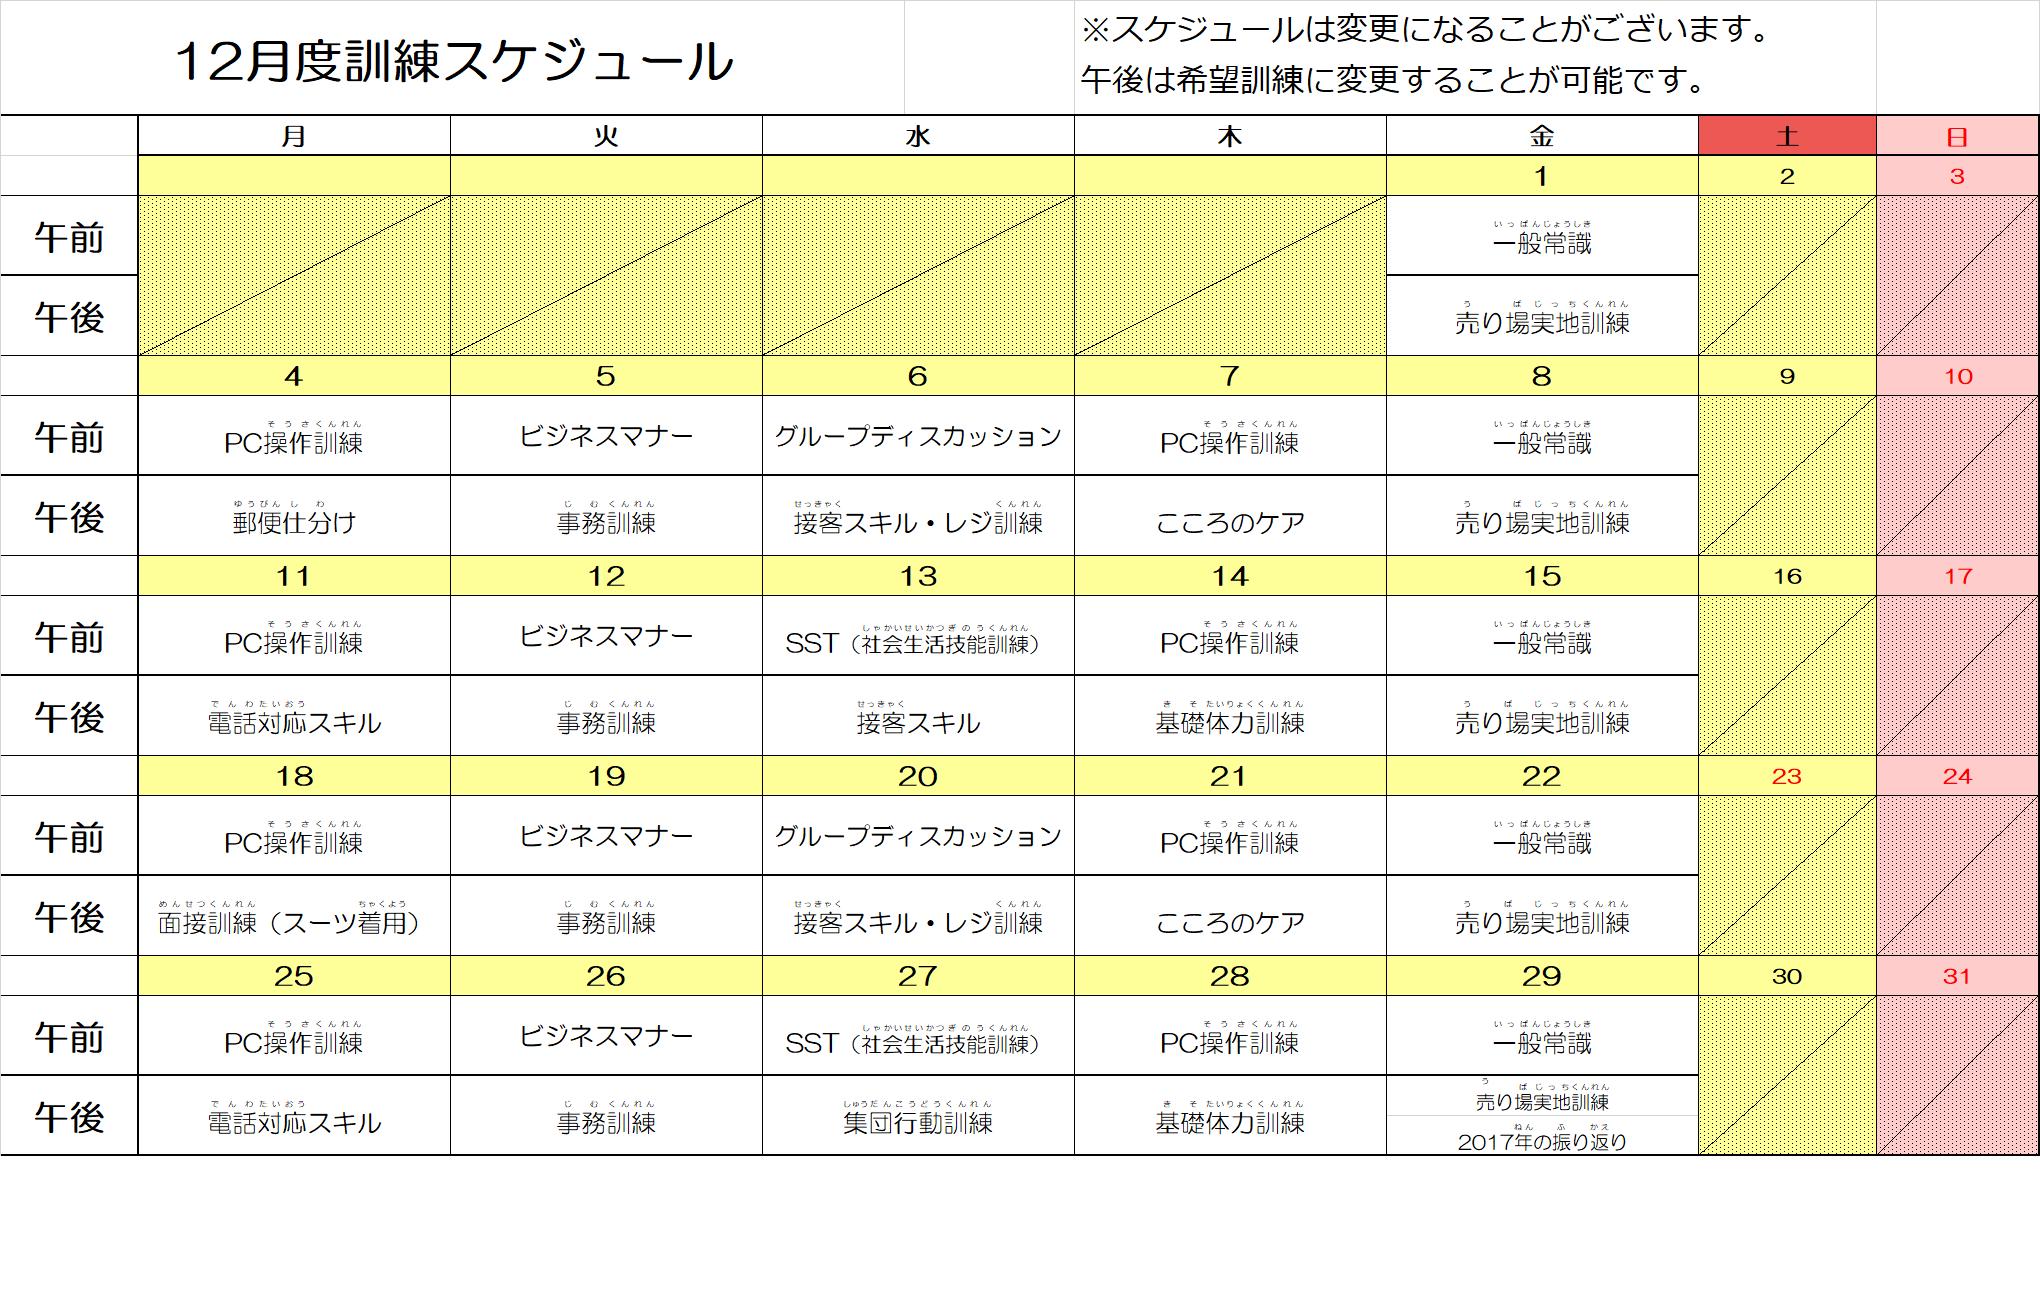 12月訓練スケジュール